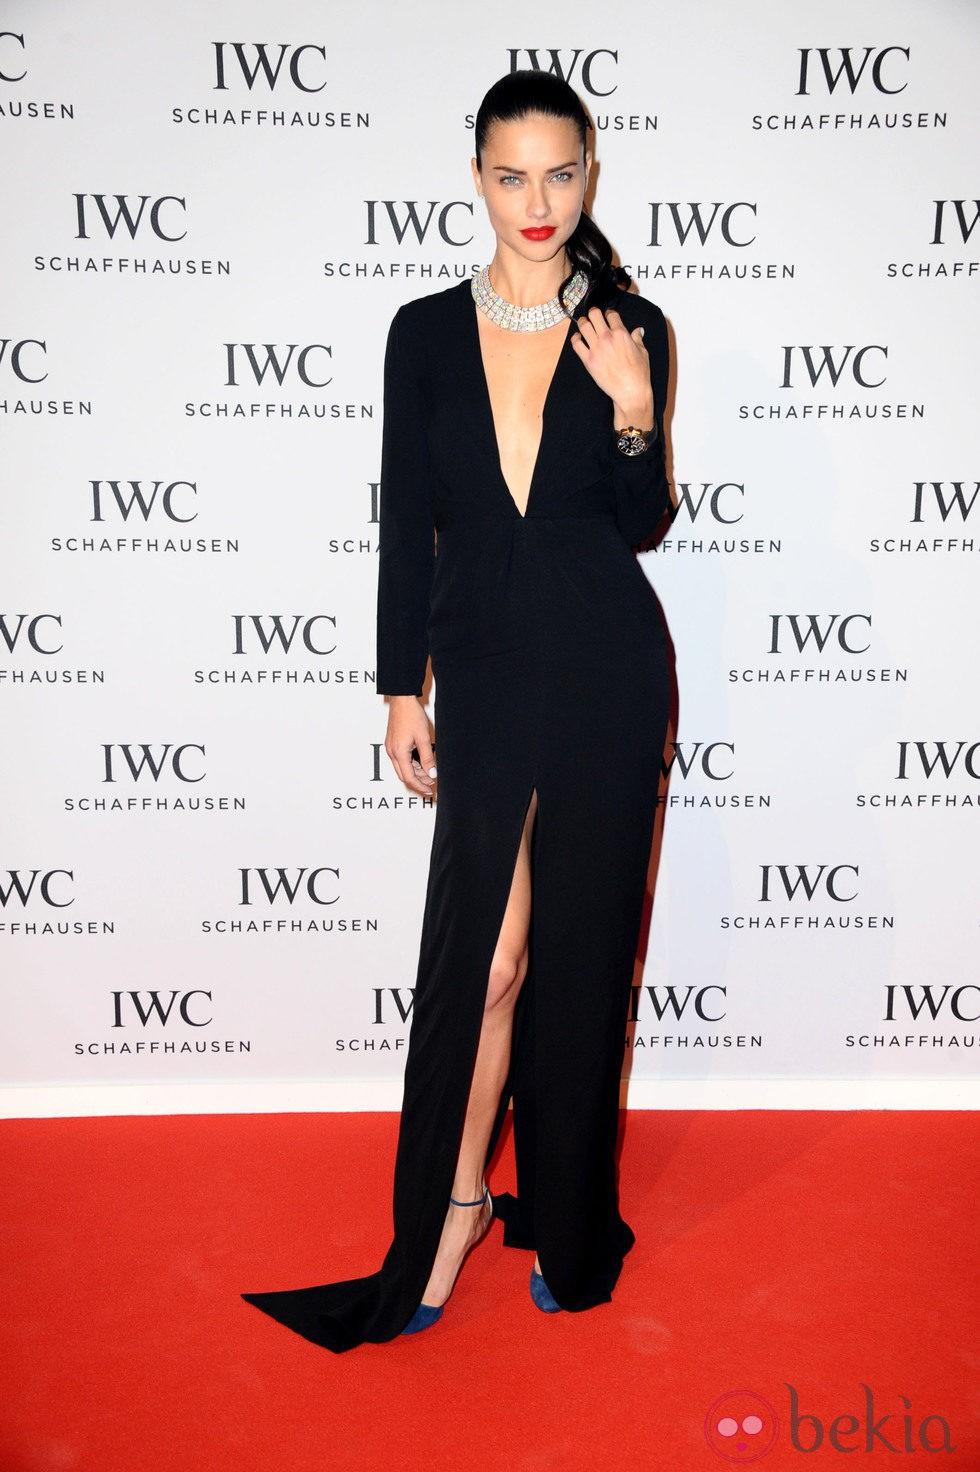 Adriana Lima en la presentación de la colección 'Aquatimer' de IWC